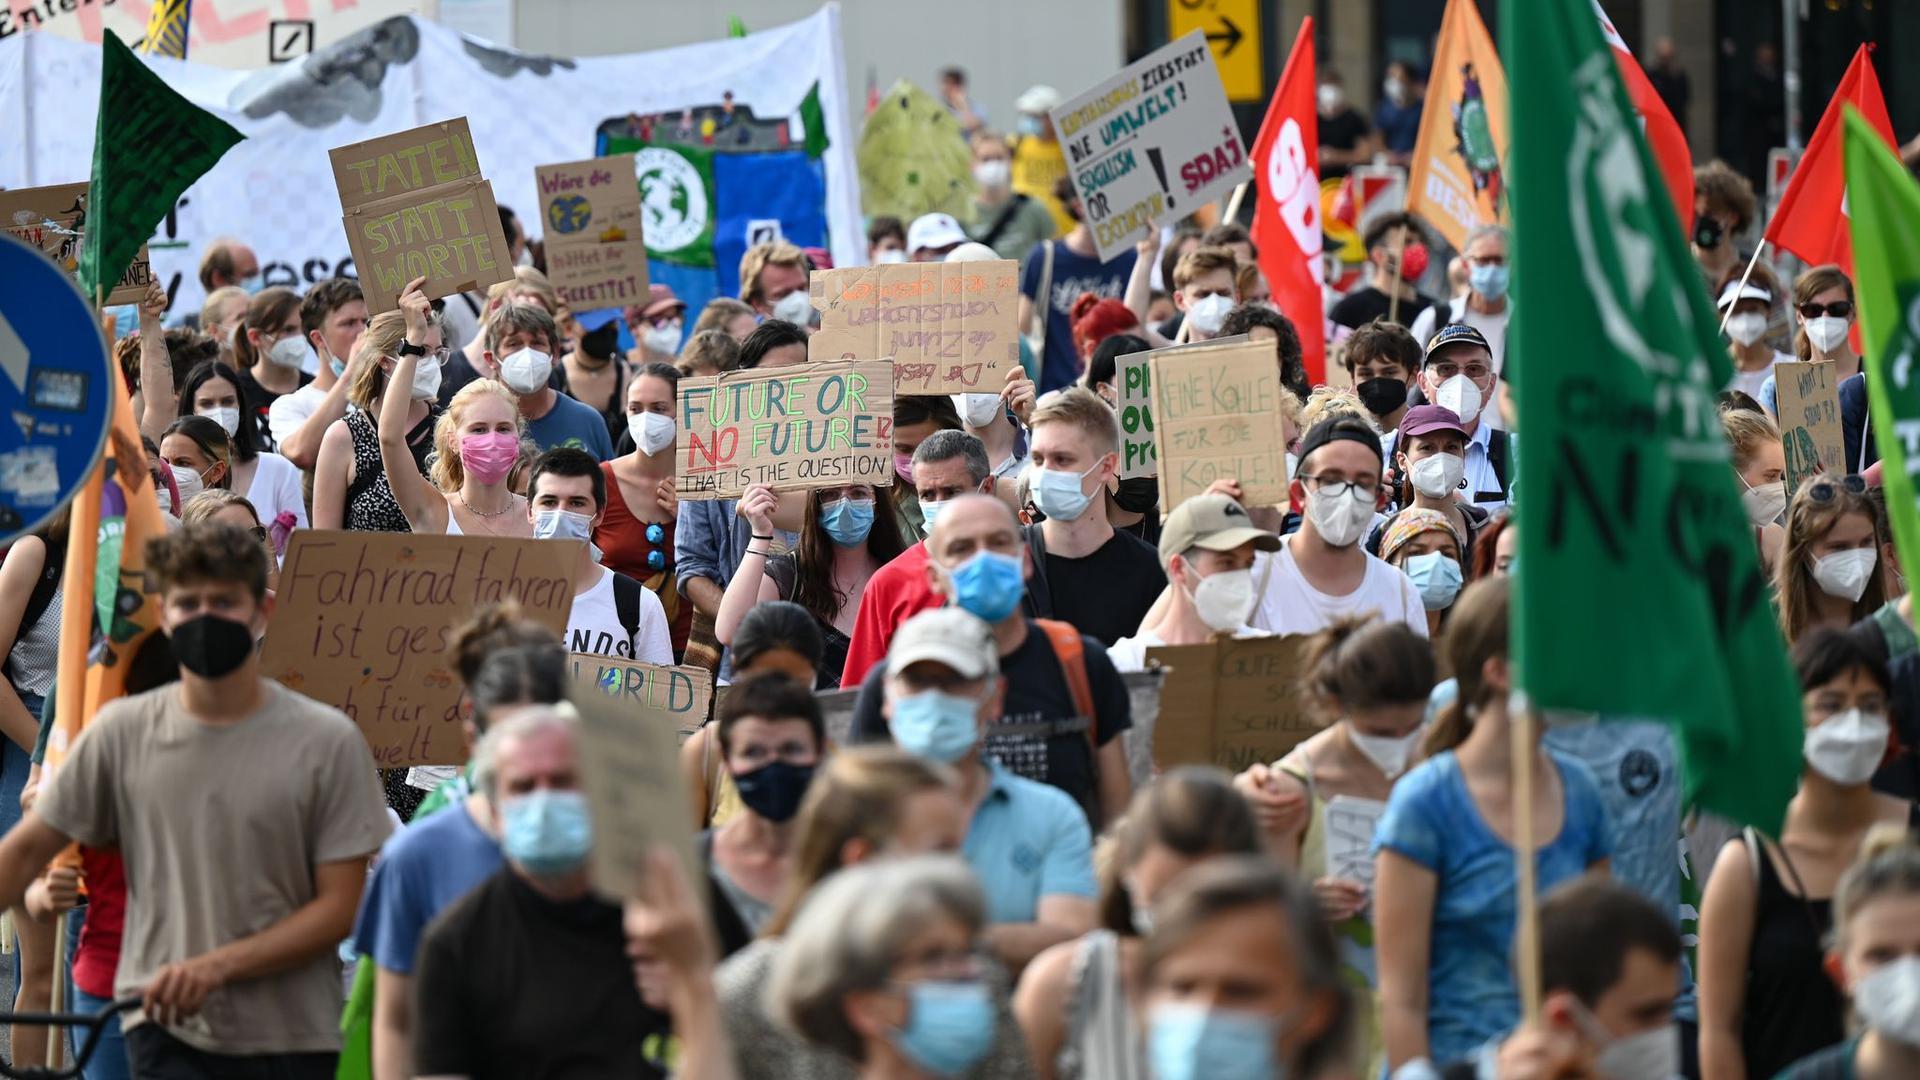 Zahlreiche Demonstranten bei einem Klimastreik von Fridays for Future.